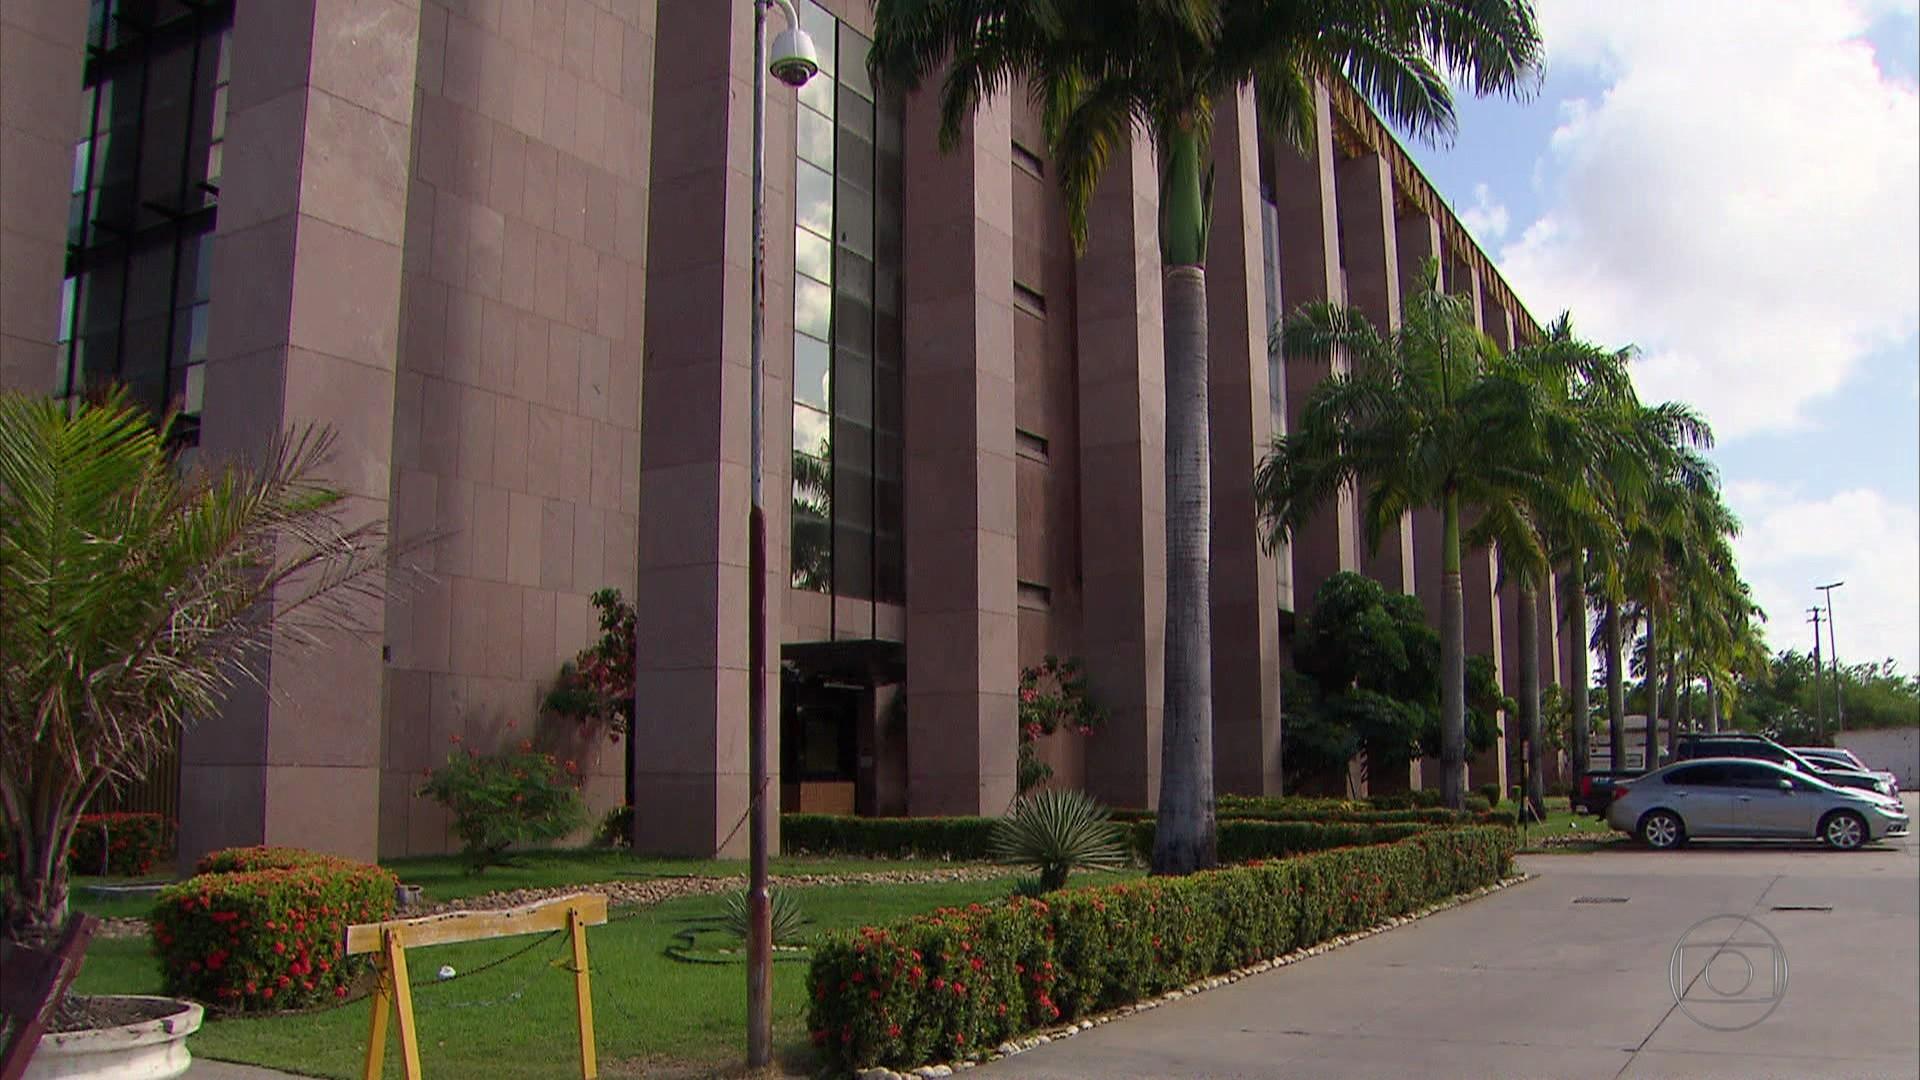 Tribunal torna obrigatória vacinação contra Covid-19 para juízes, desembargadores, advogados e outros servidores do Judiciário estadual